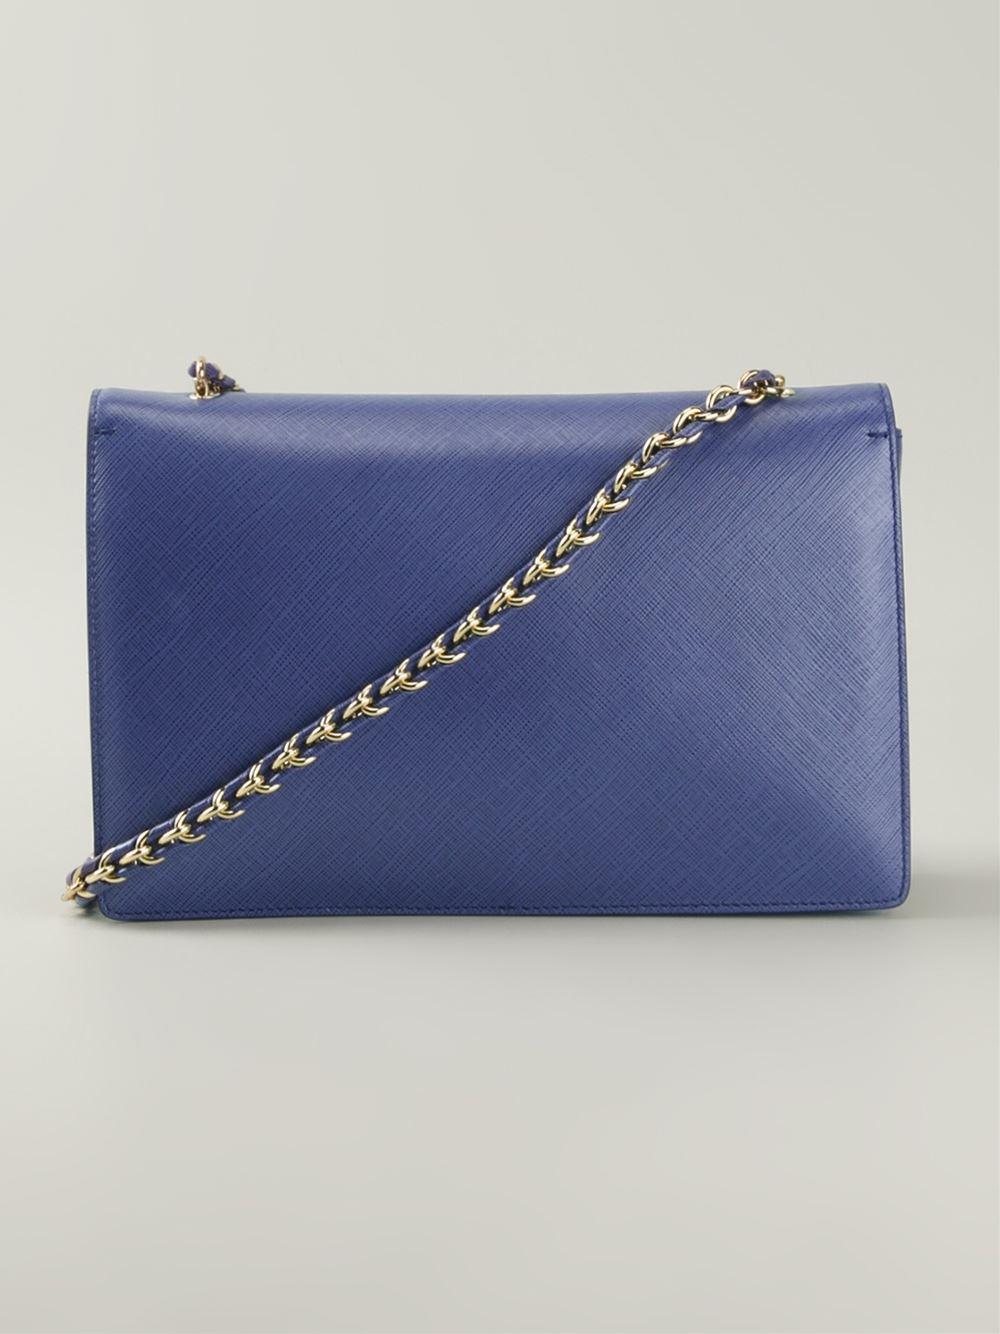 d4df34642e48 Lyst - Ferragamo  Ginny  Crossbody Bag in Blue